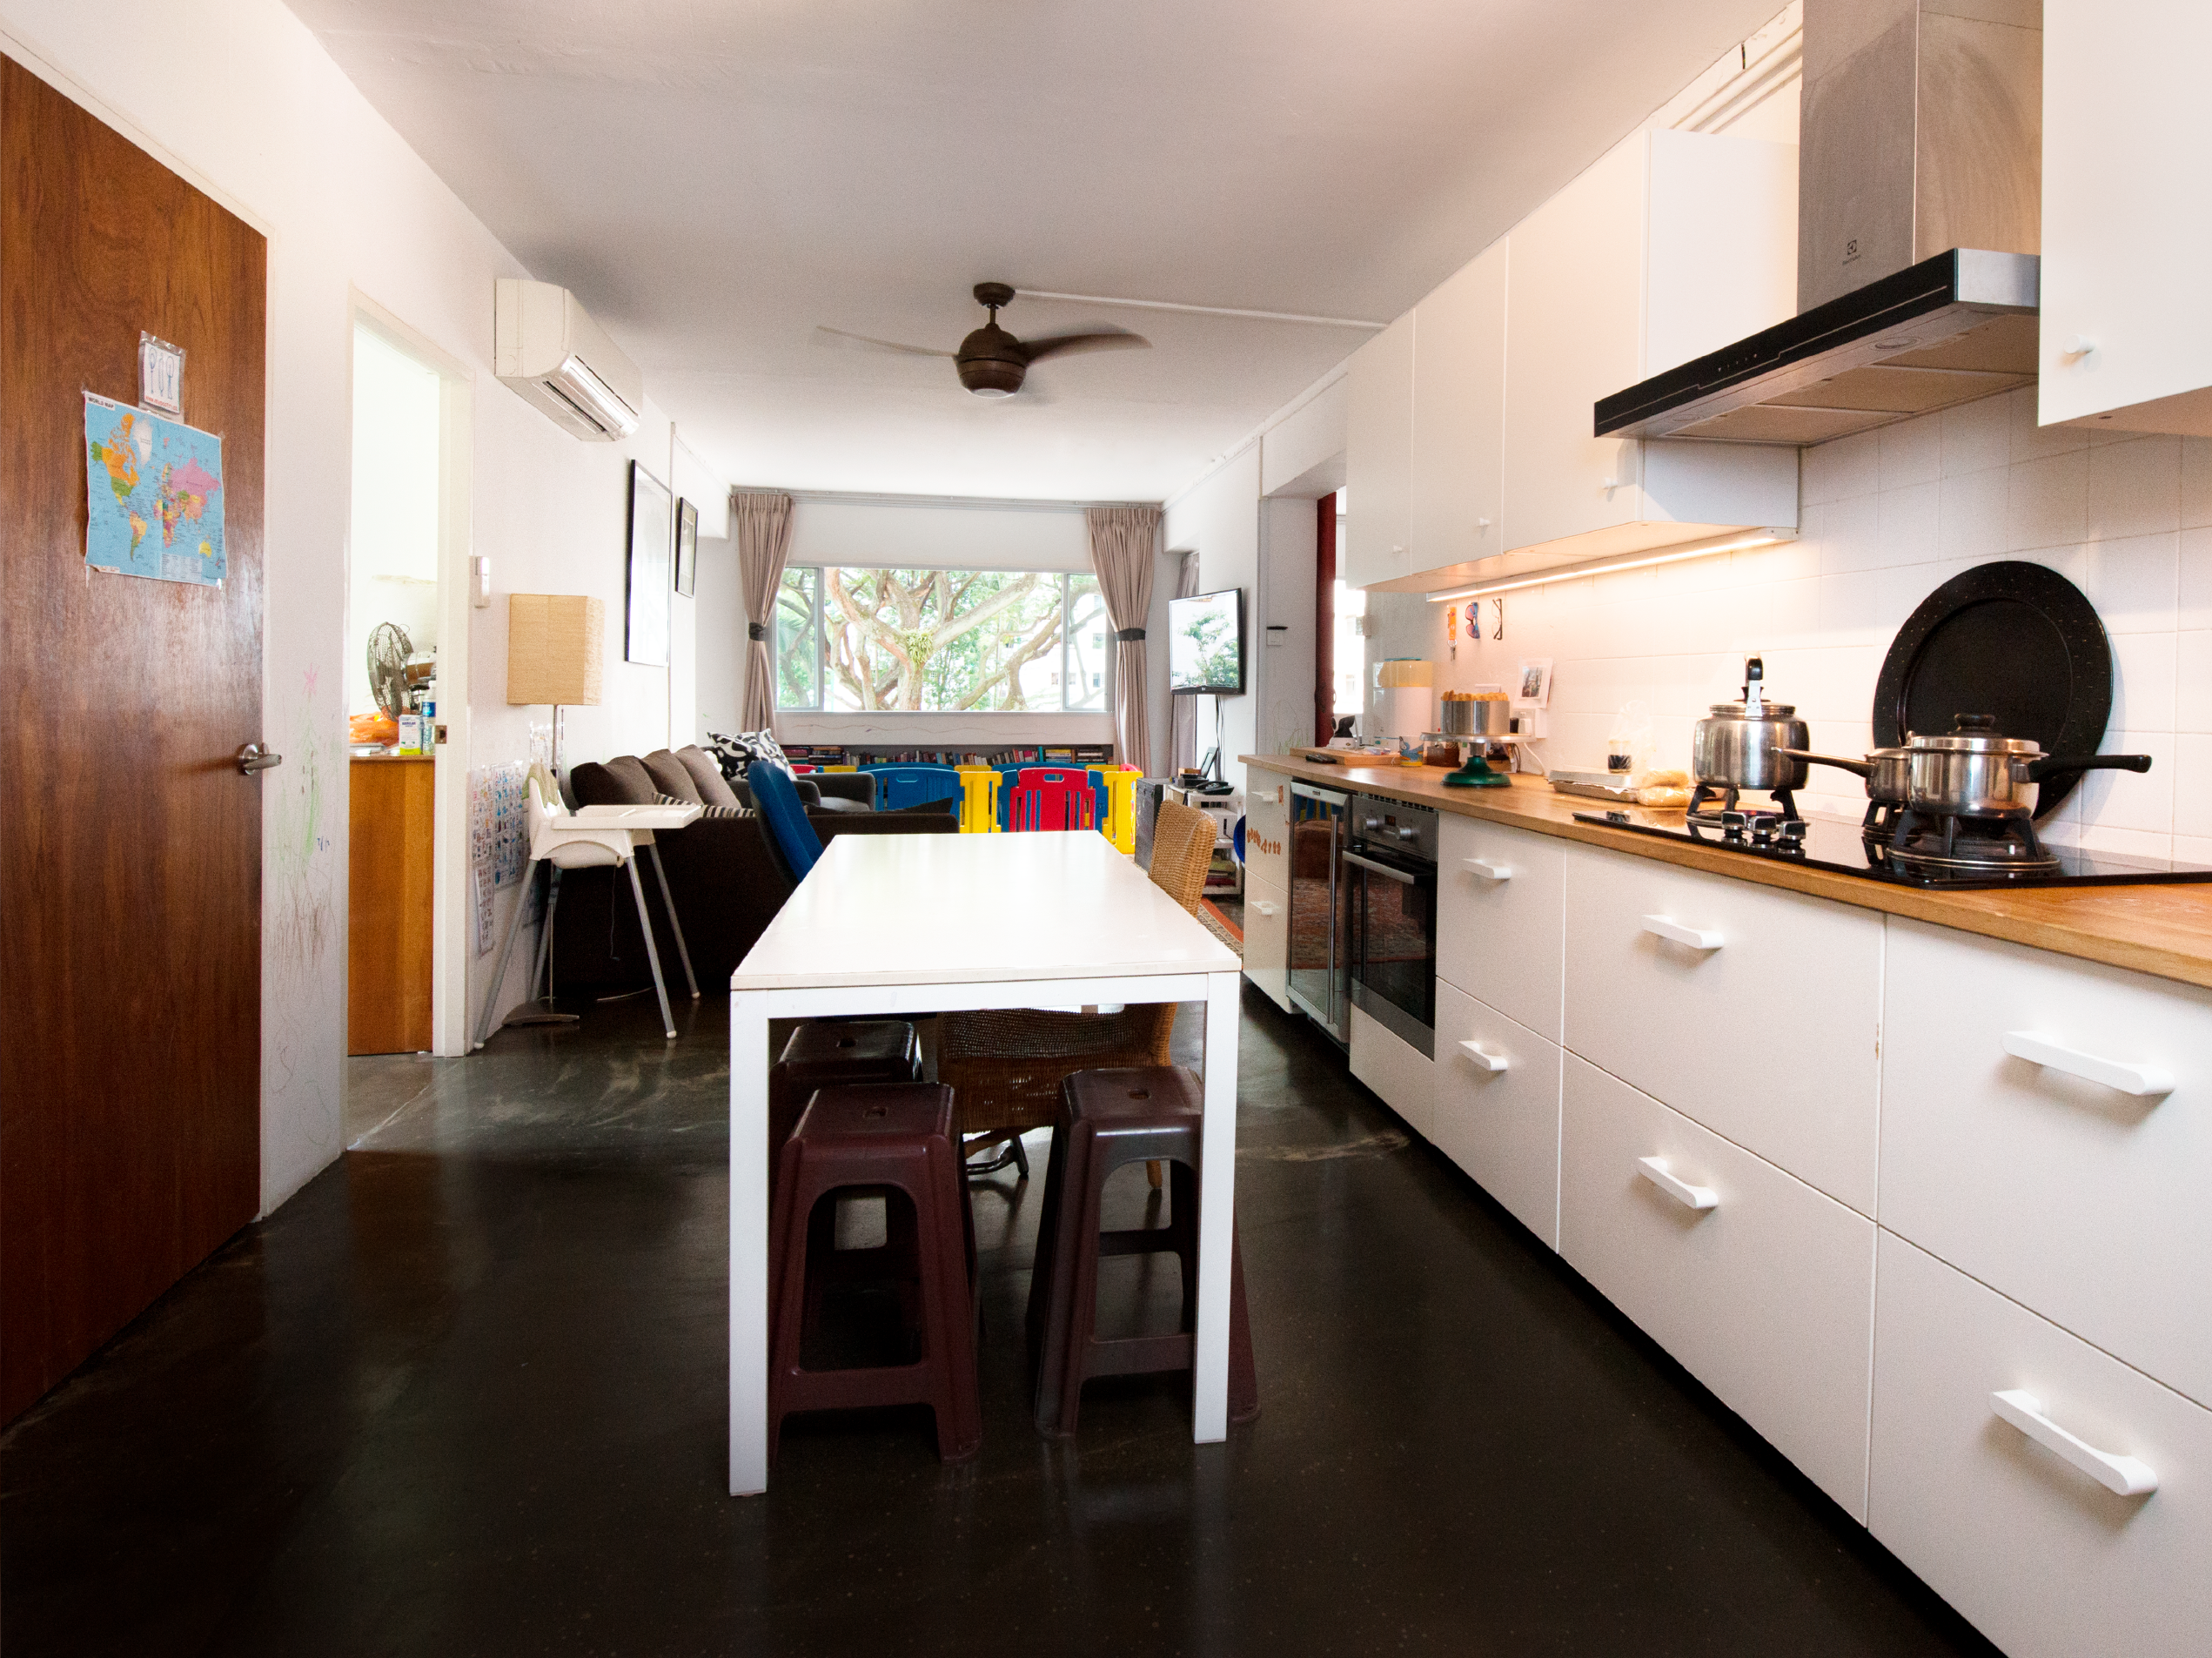 A 5-room HDB flat in Jalan Bukit Merah for a interracial couple.